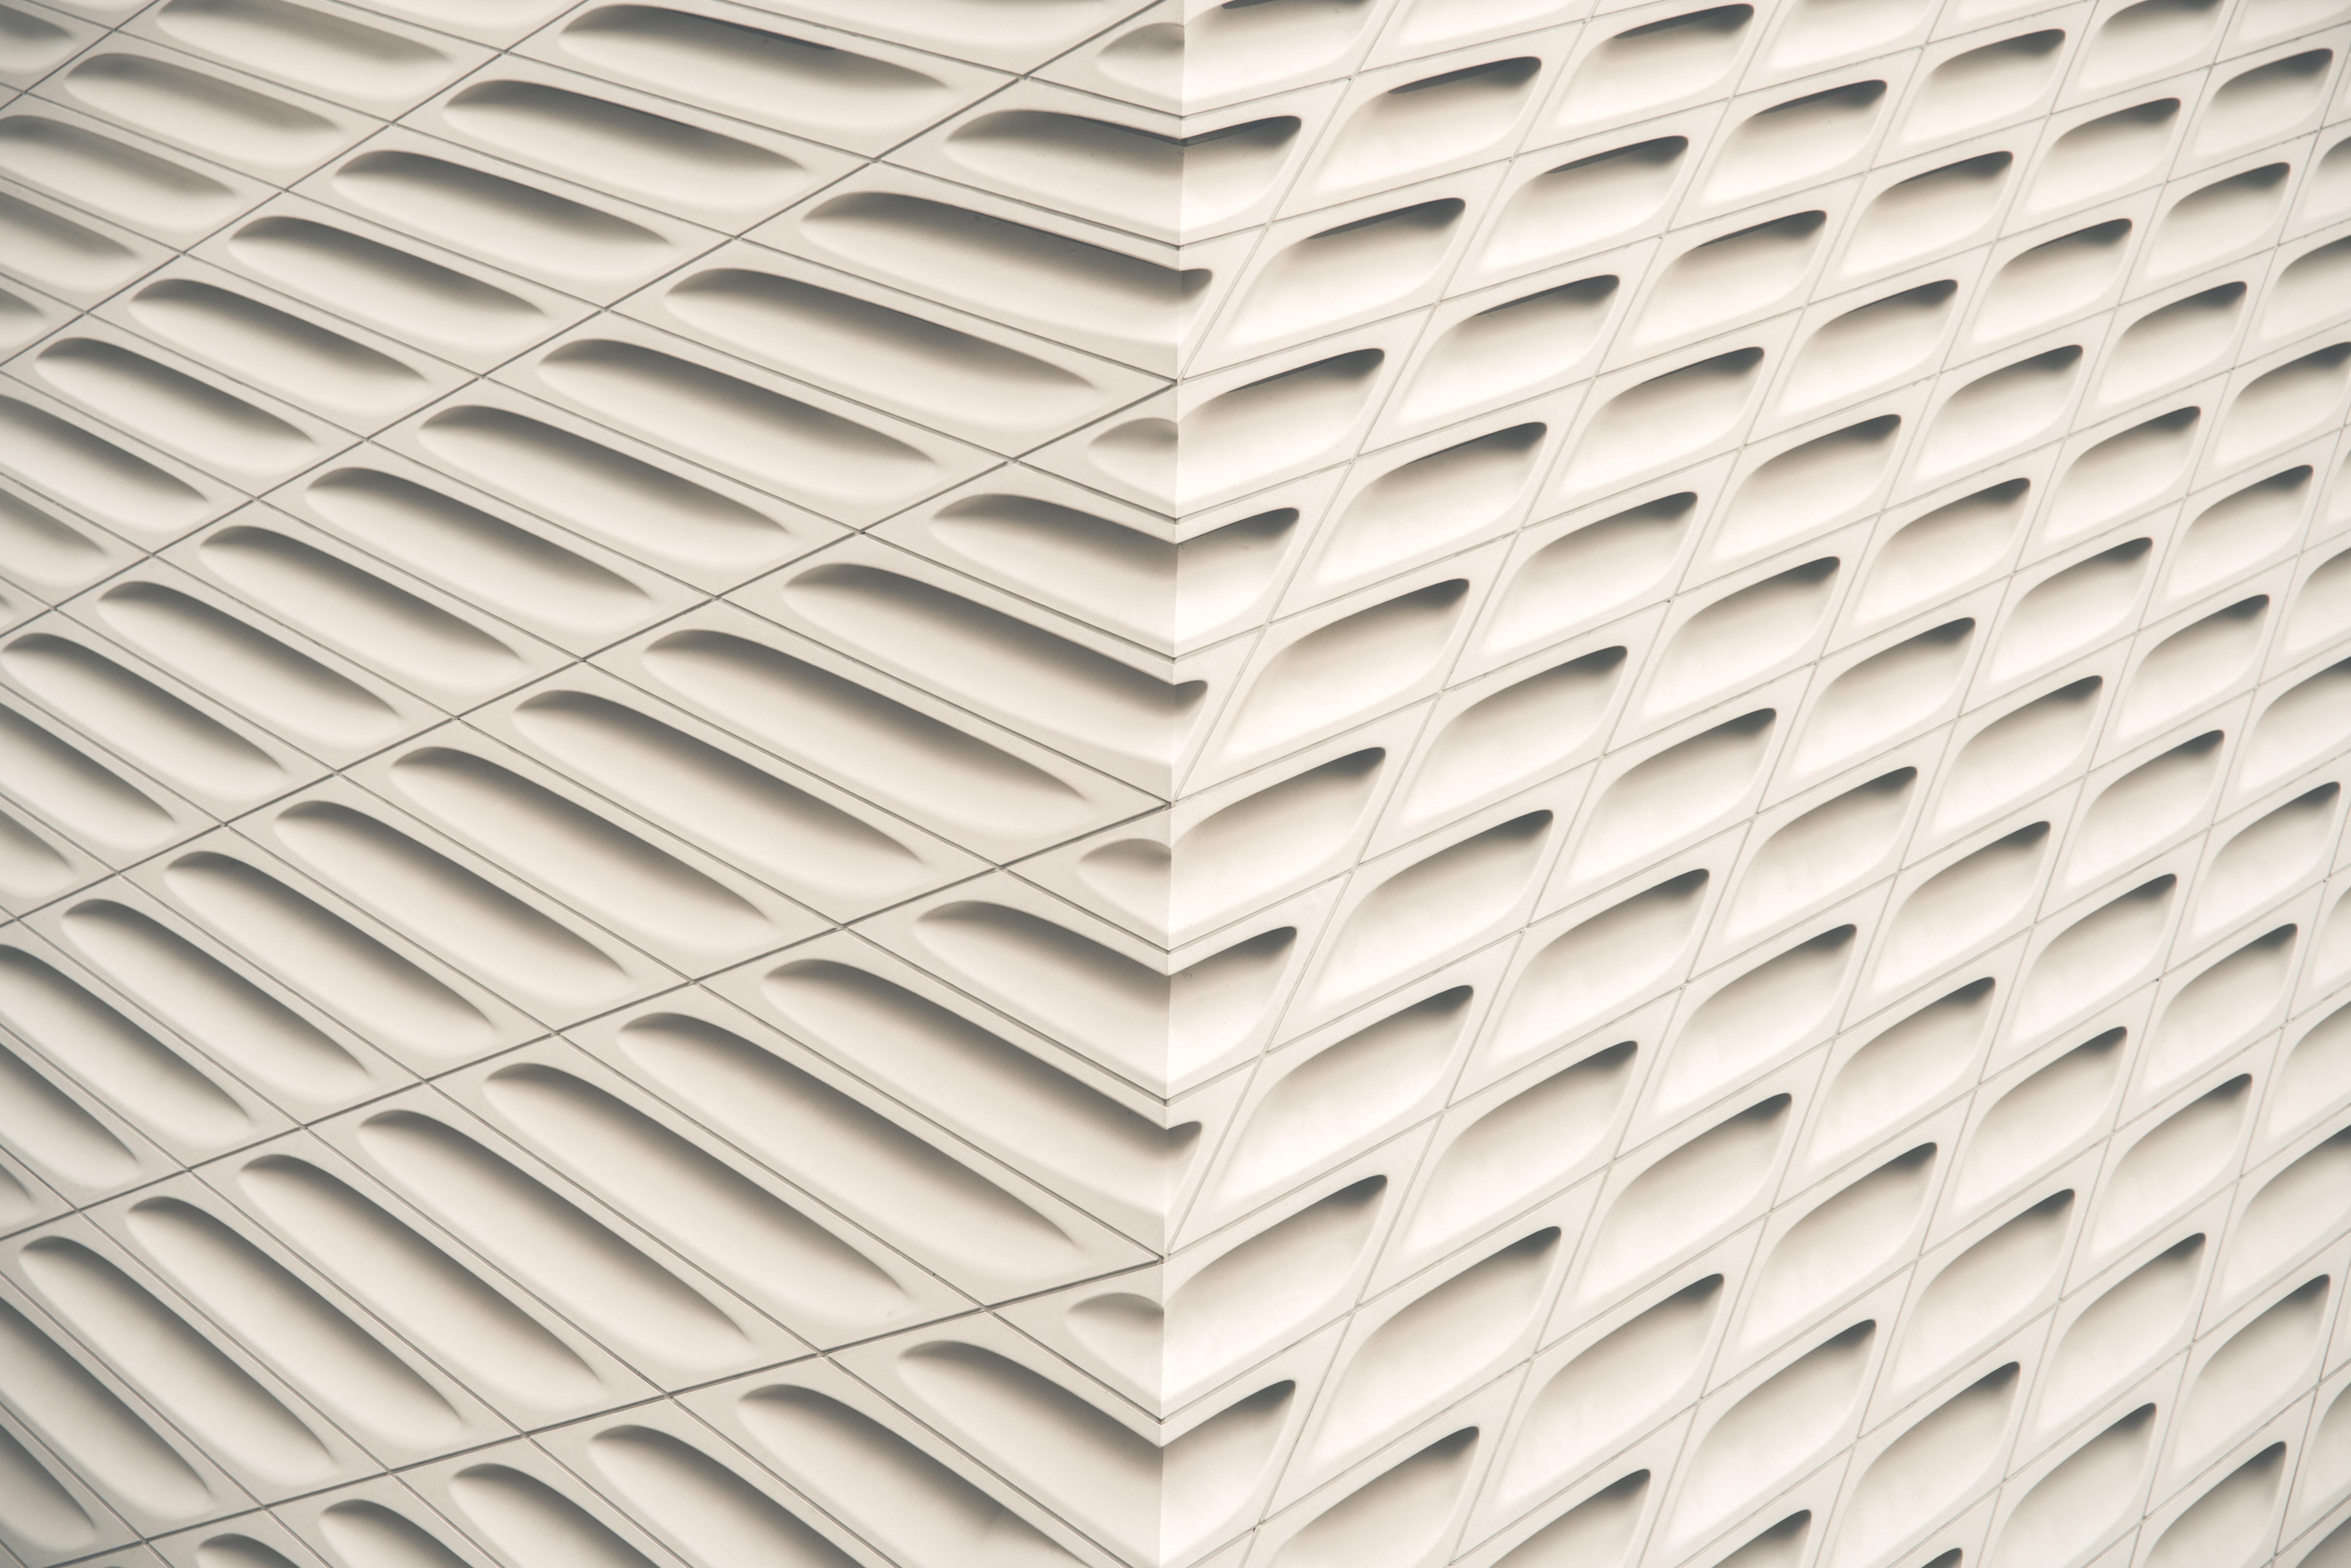 images gratuites   abstrait  bois  texture  toit  plafond  mod u00e8le  ligne  fa u00e7ade  mouvement